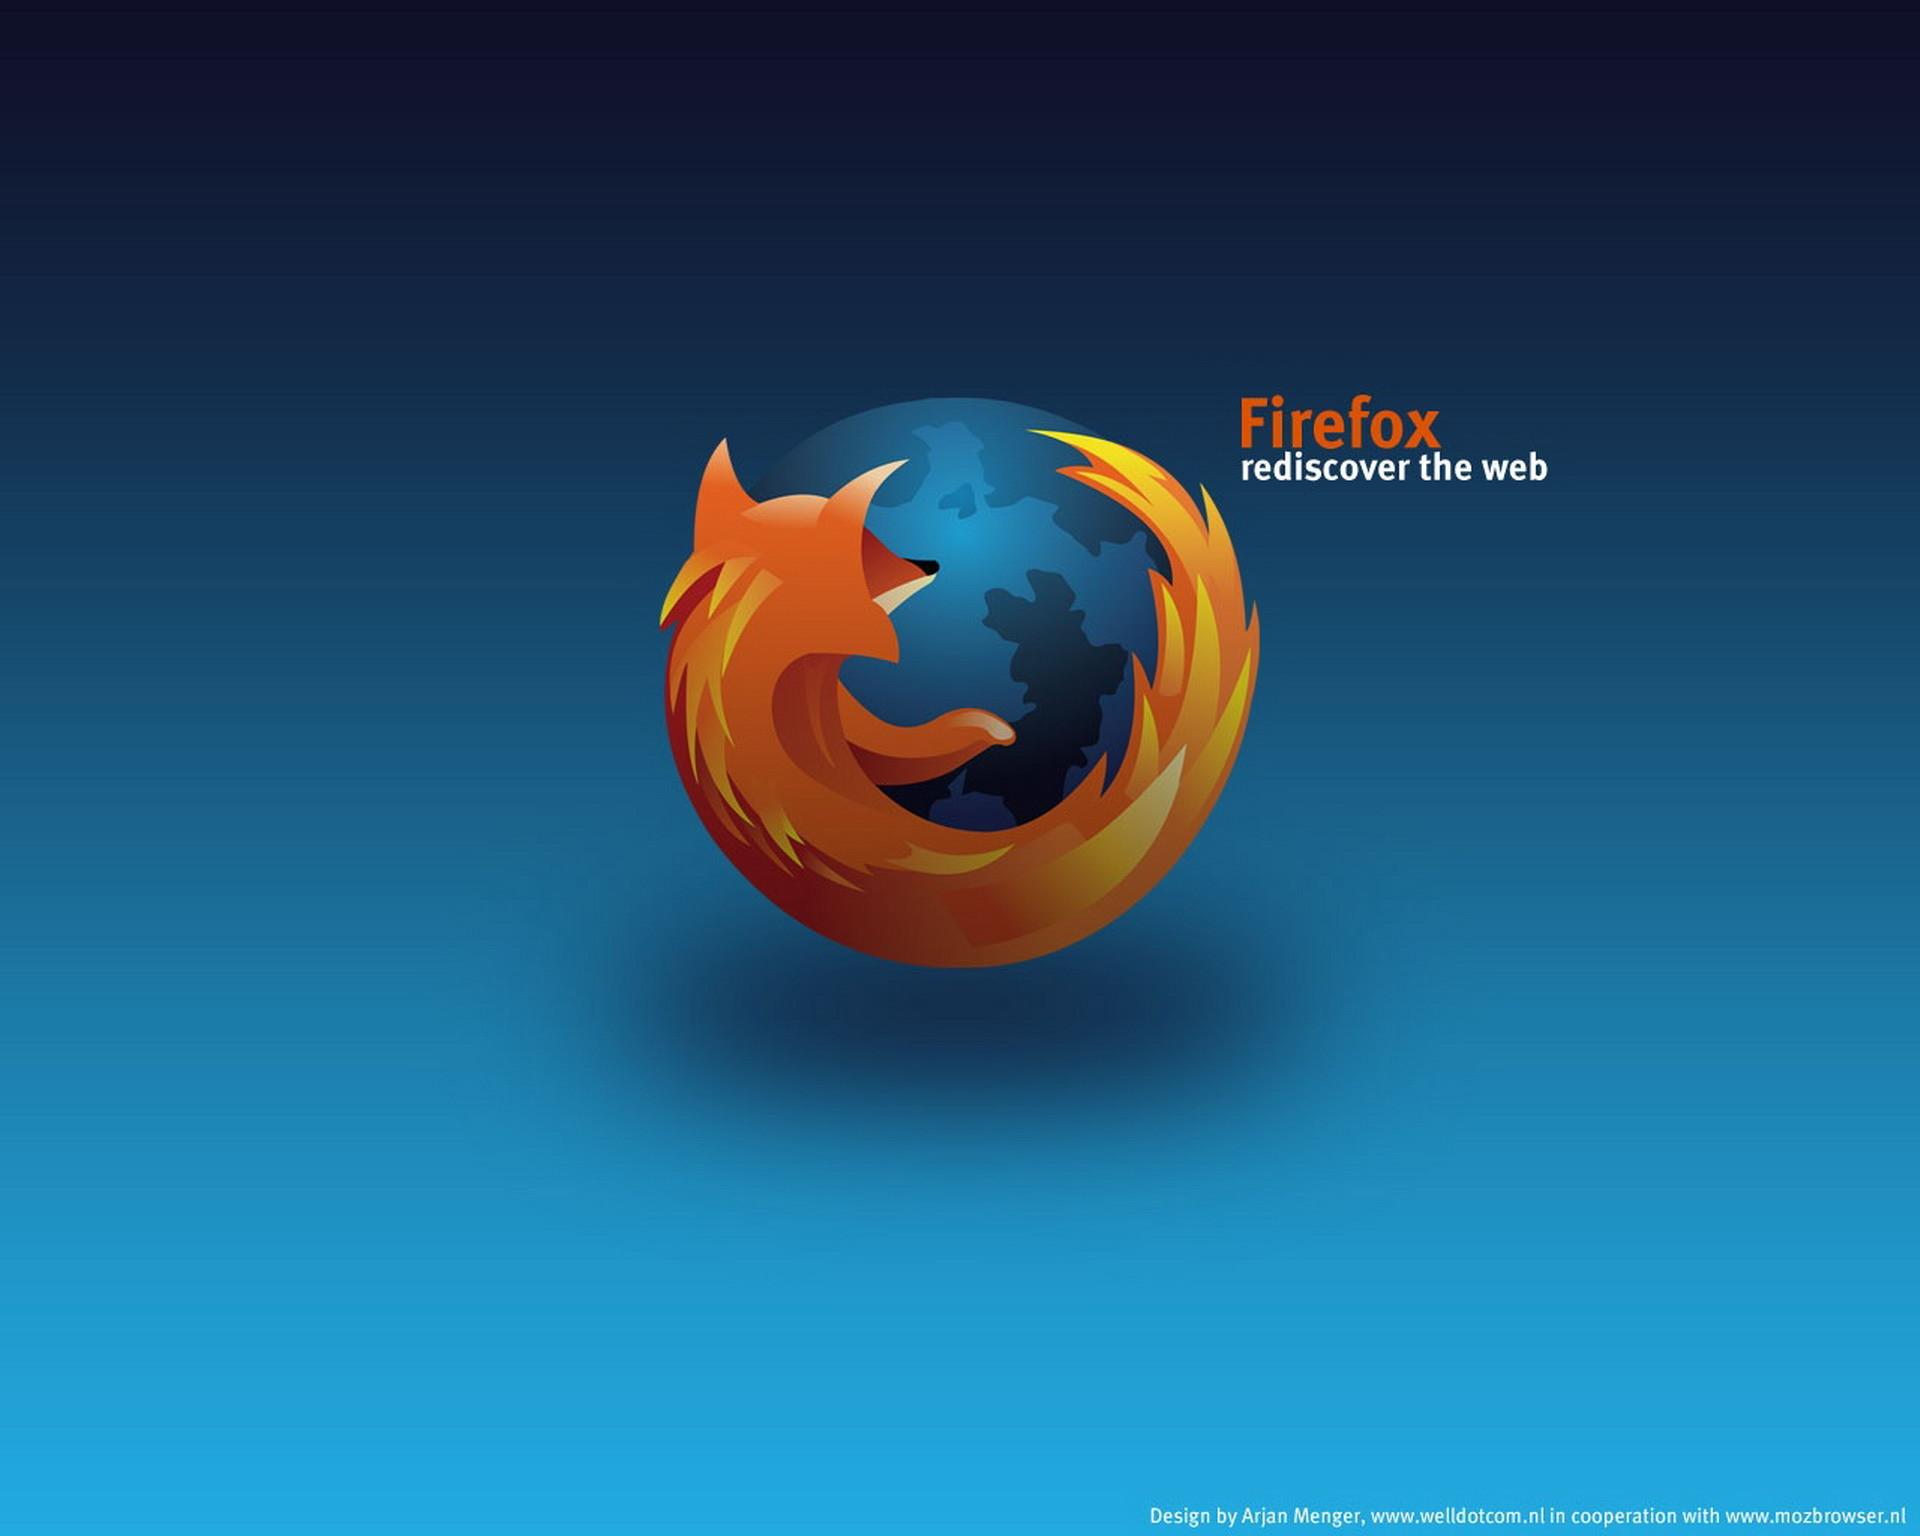 Mozilla Wallpaper (64+ images)